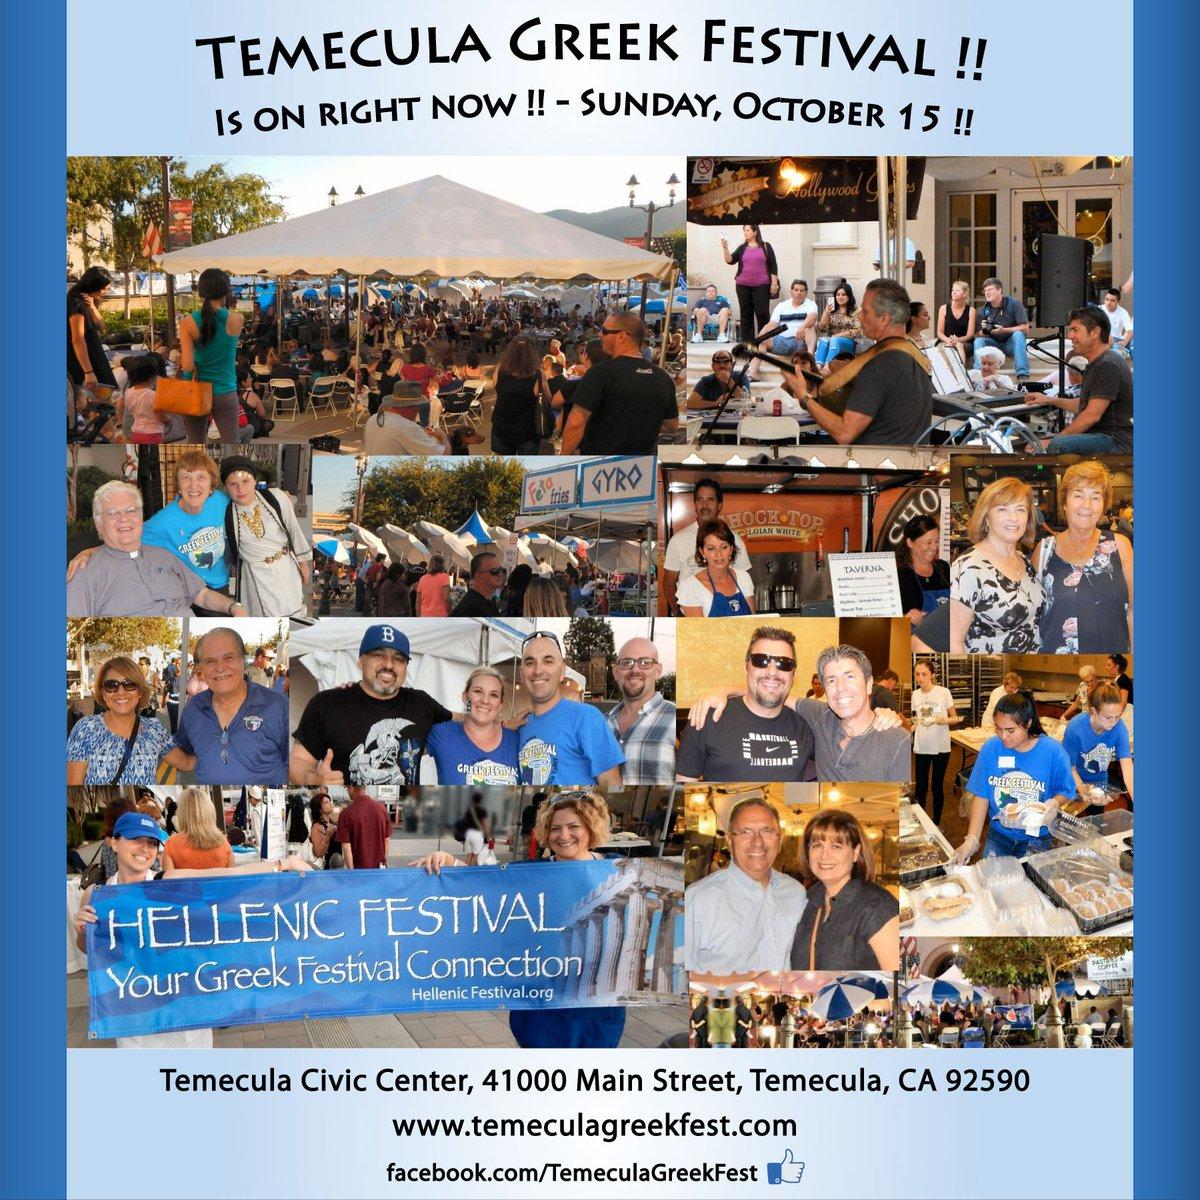 hellenic festival mygreekfestival twitter